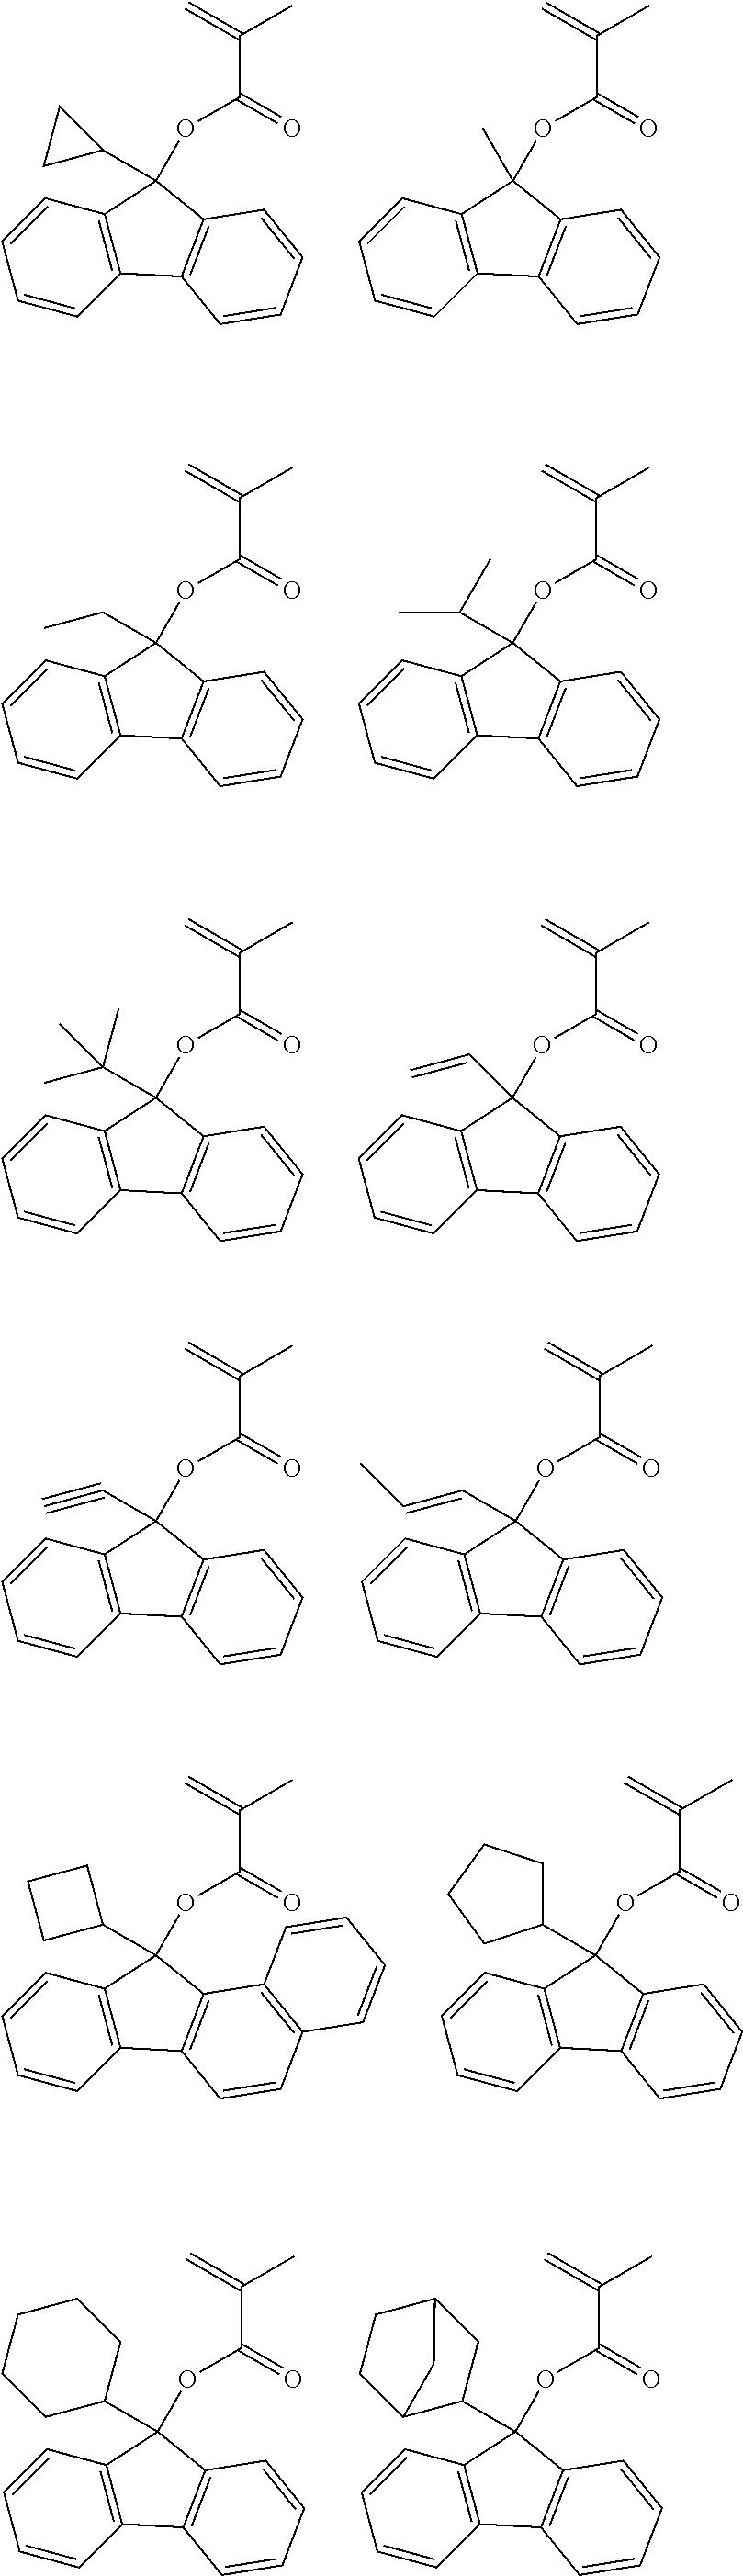 Figure US09040223-20150526-C00088